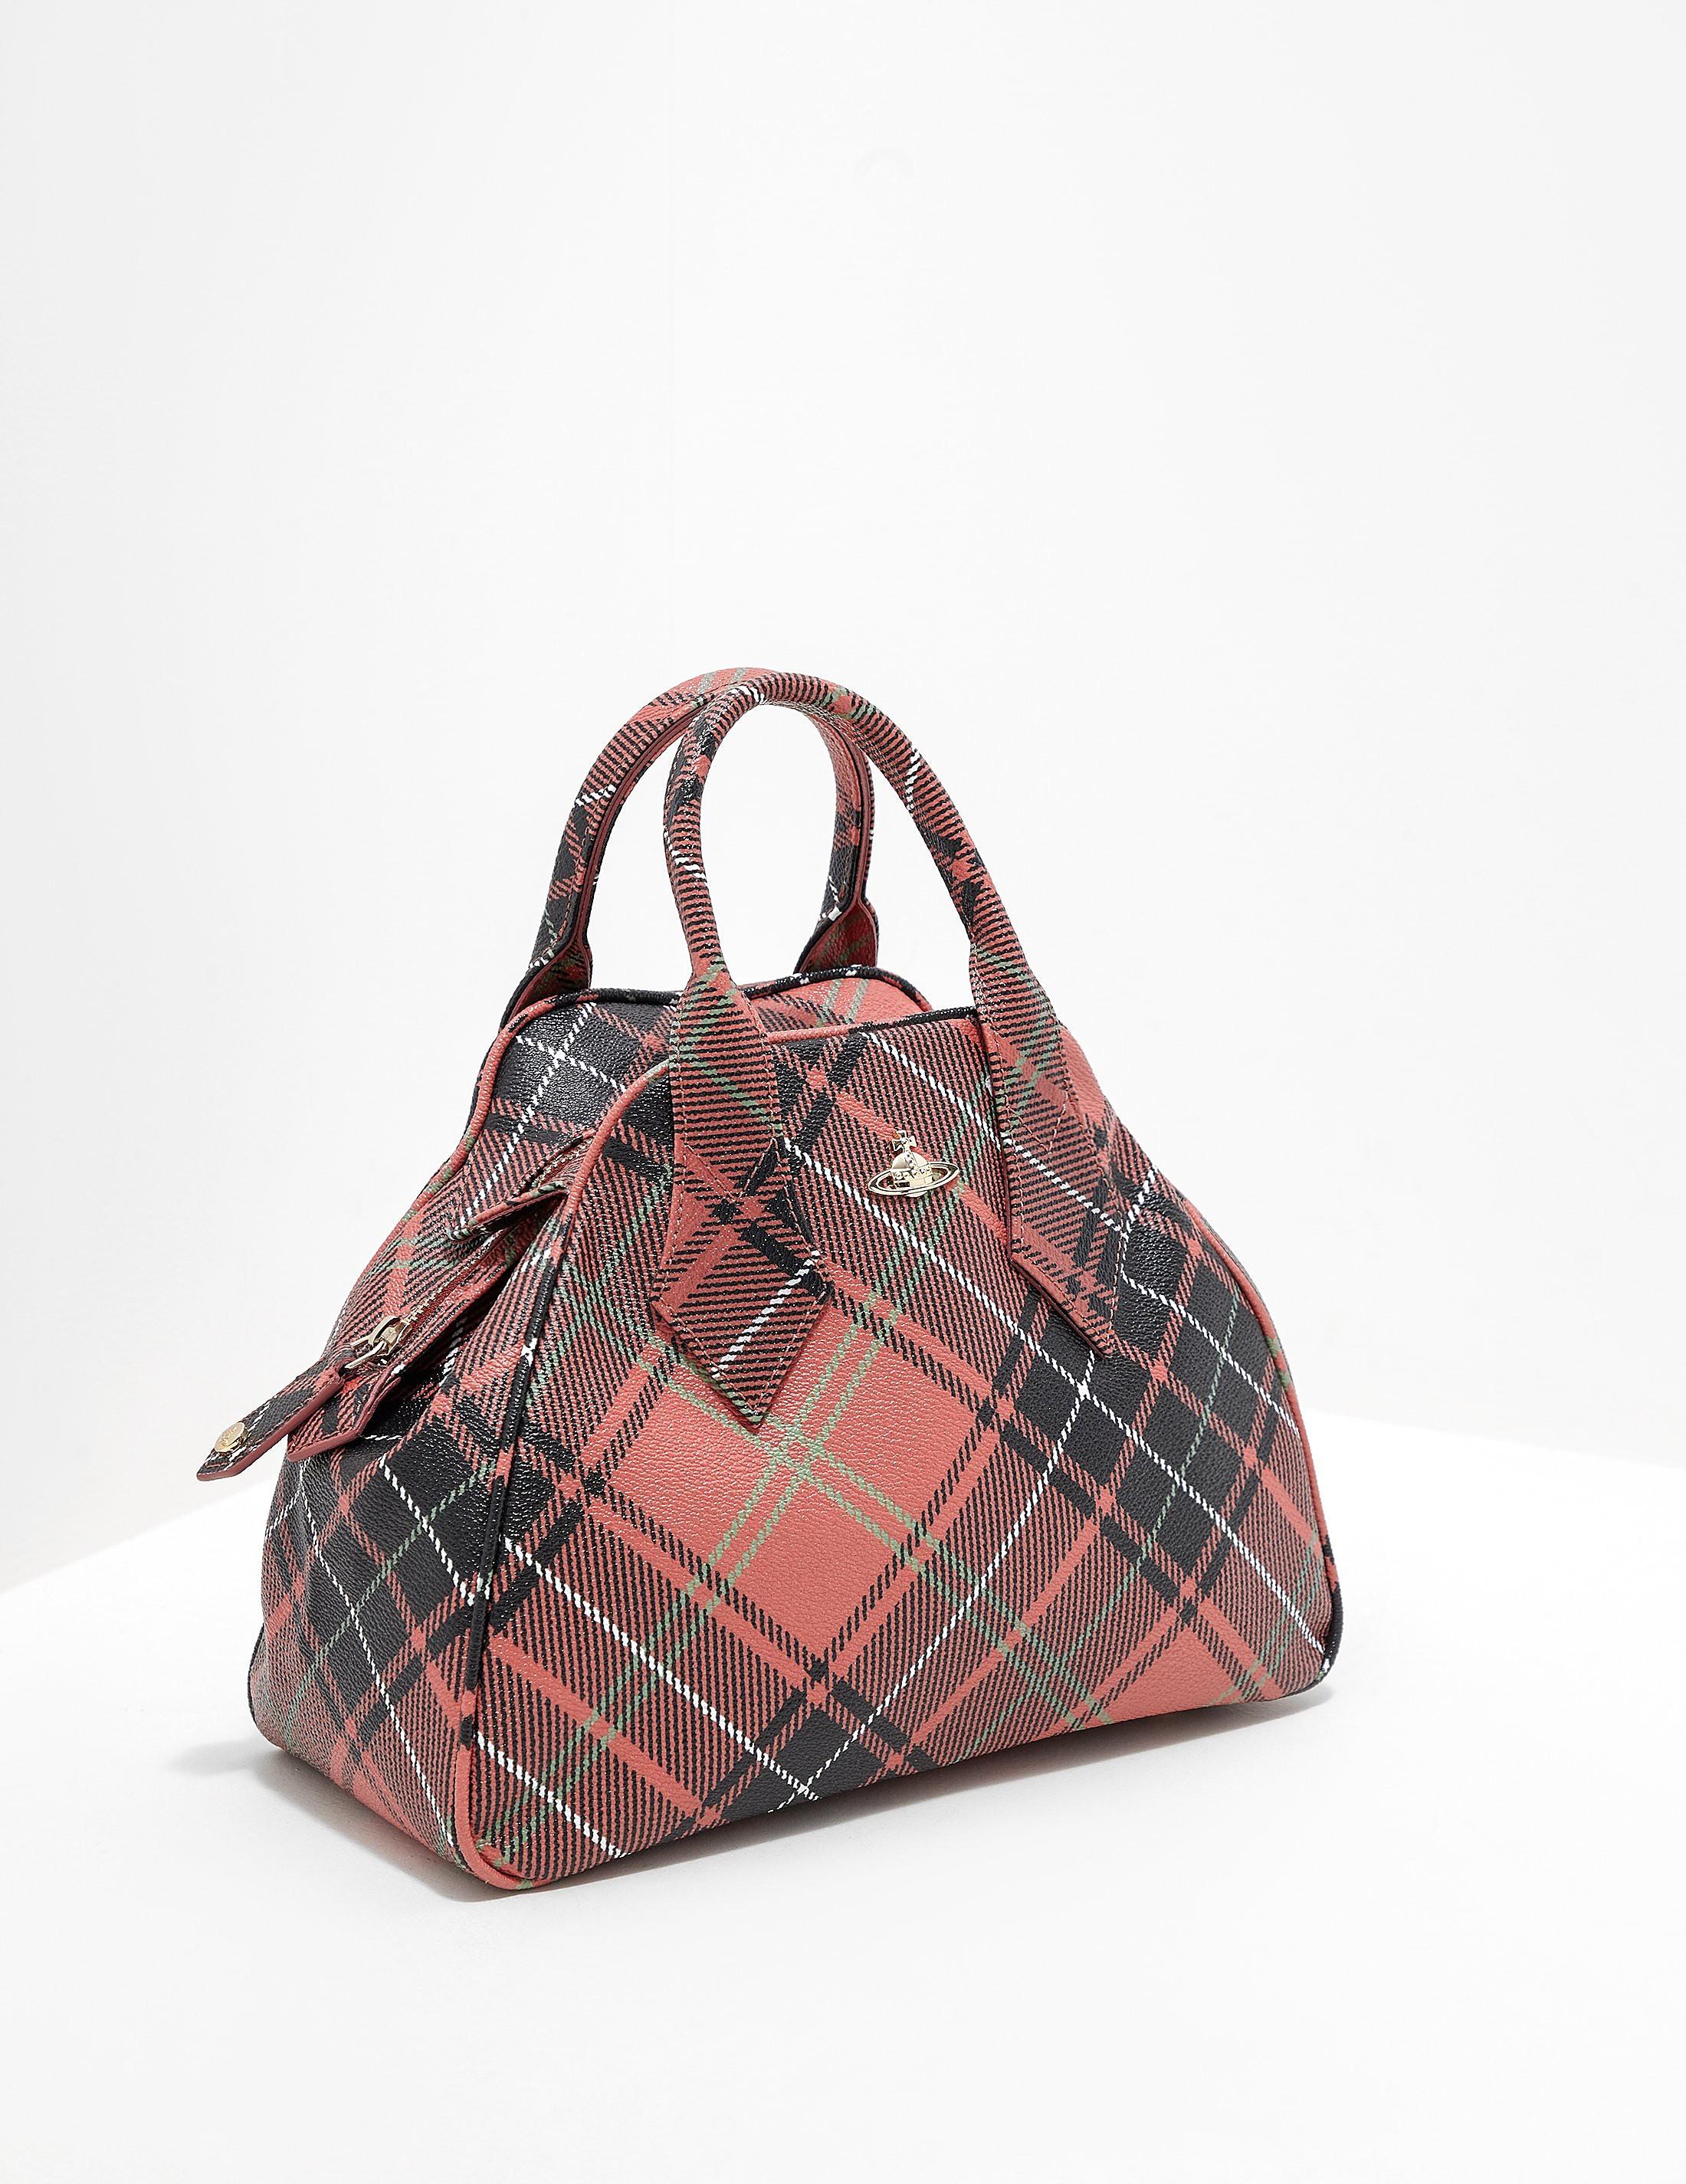 Vivienne Westwood Derby Medium Bag